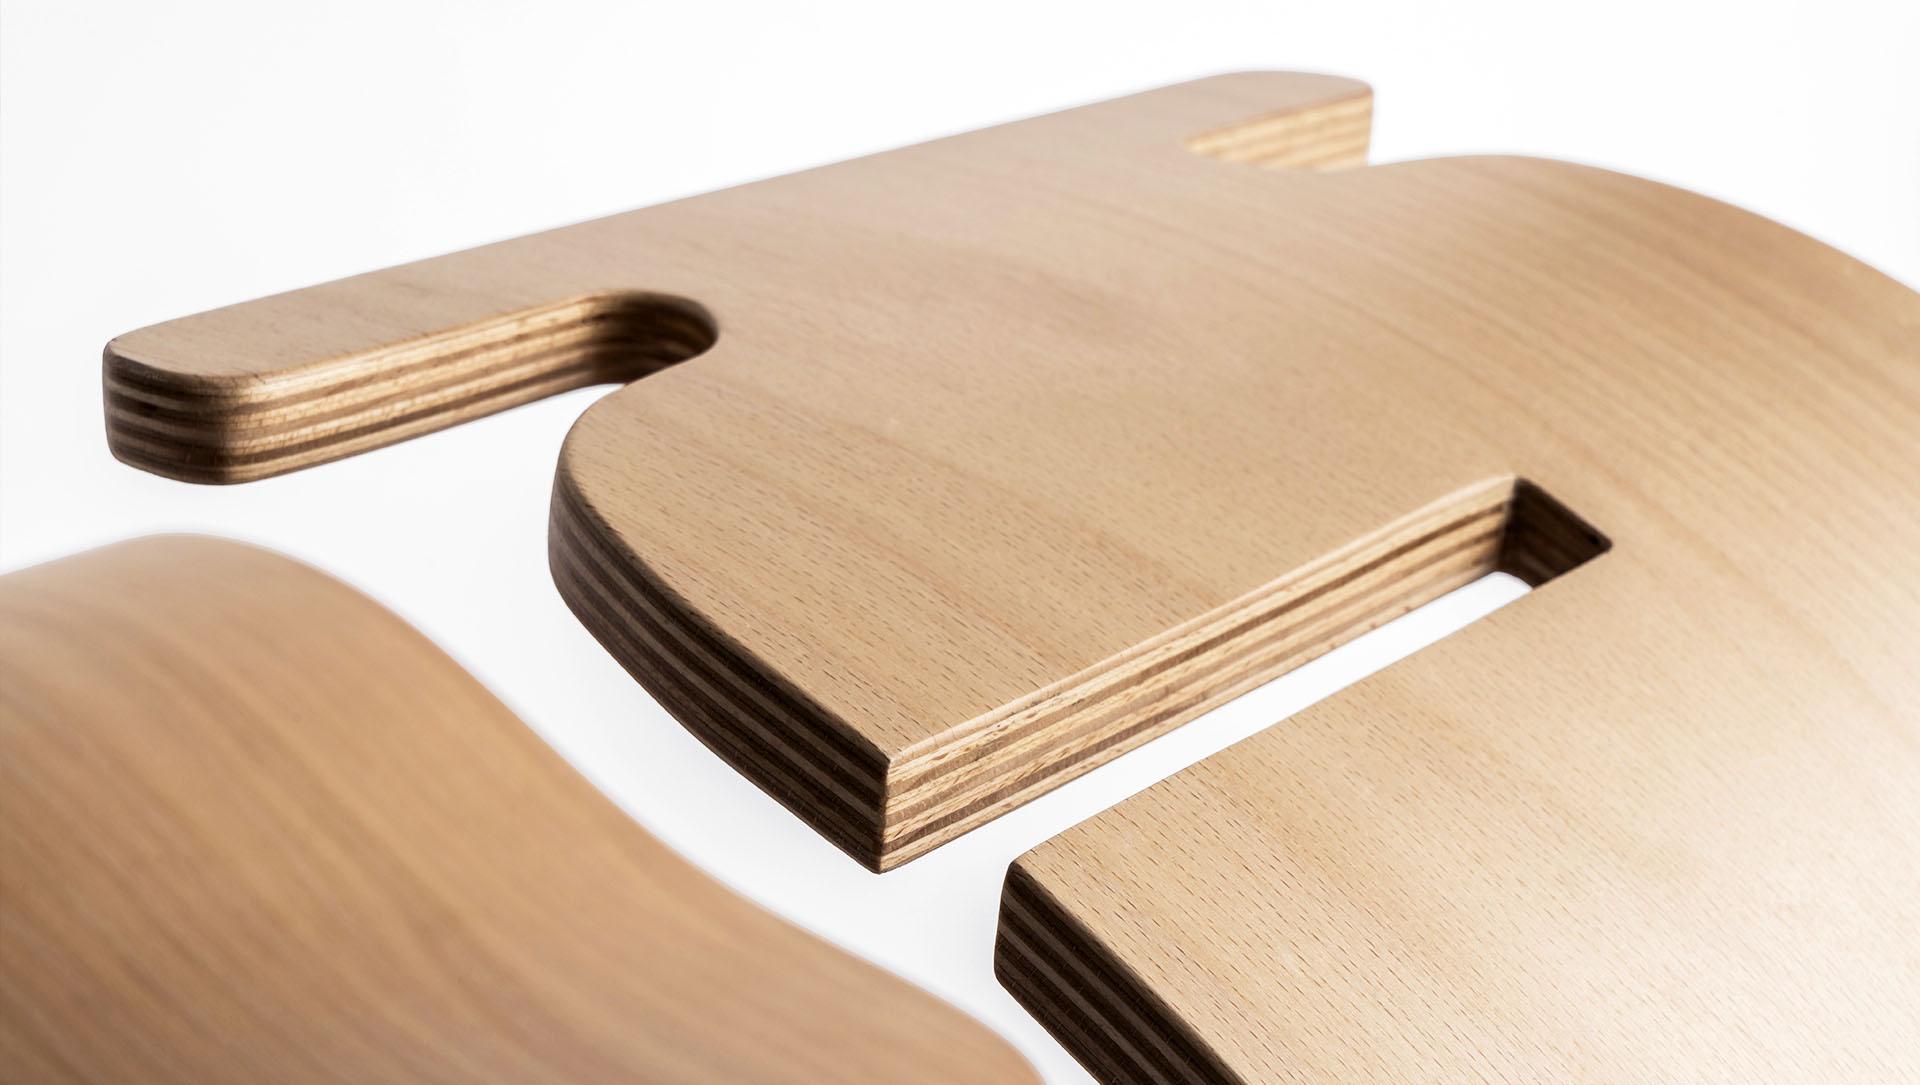 YaWood: prodotto di design che reinterpreta il gioco del cavallo a dondolo, composto da un foglio di legno naturale piegato che curvandosi compone la seduta, il pattino e il manubrio.